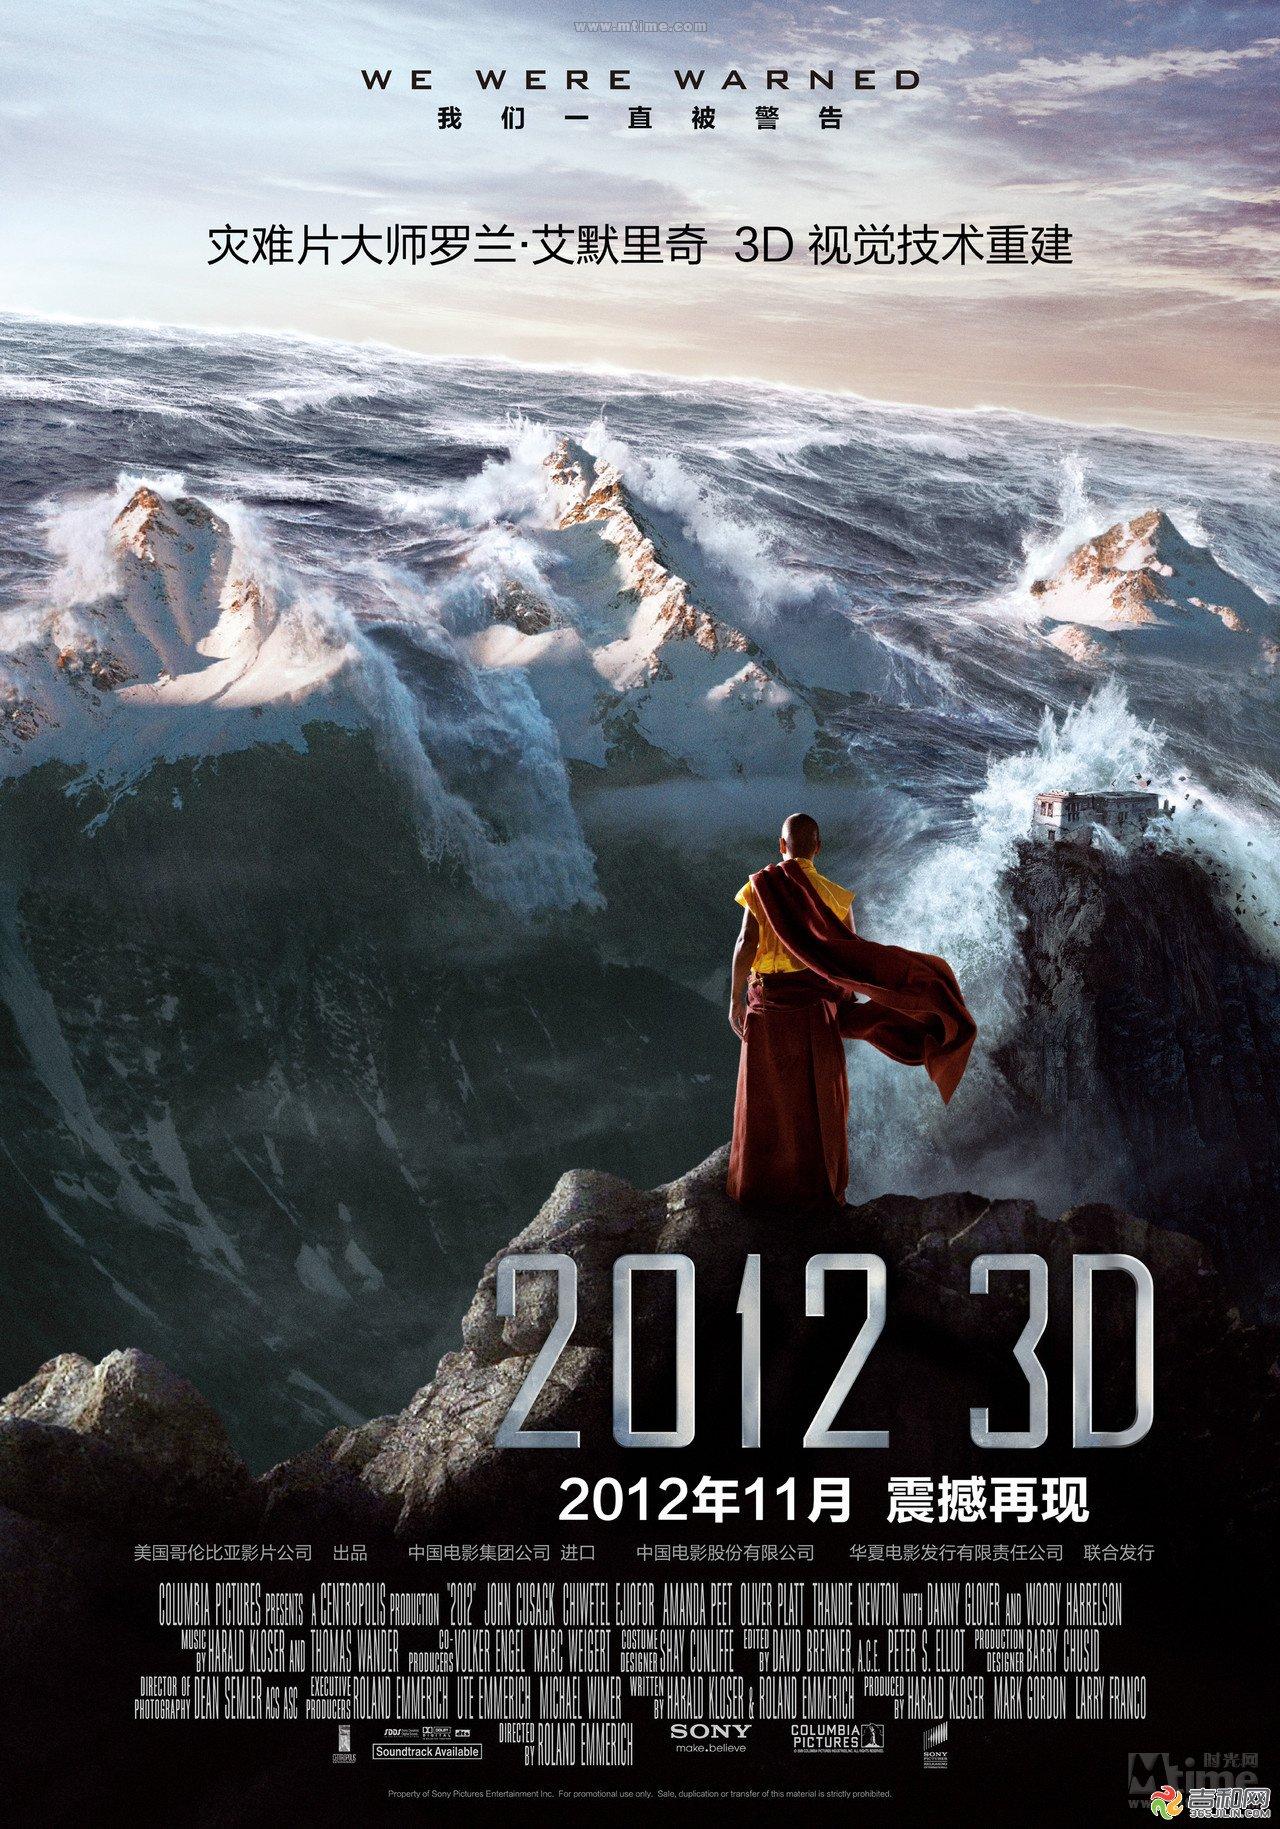 电影上映时间查询_电影3D版《2012》上映时间、剧情介绍及预告片_长春影讯_吉和网